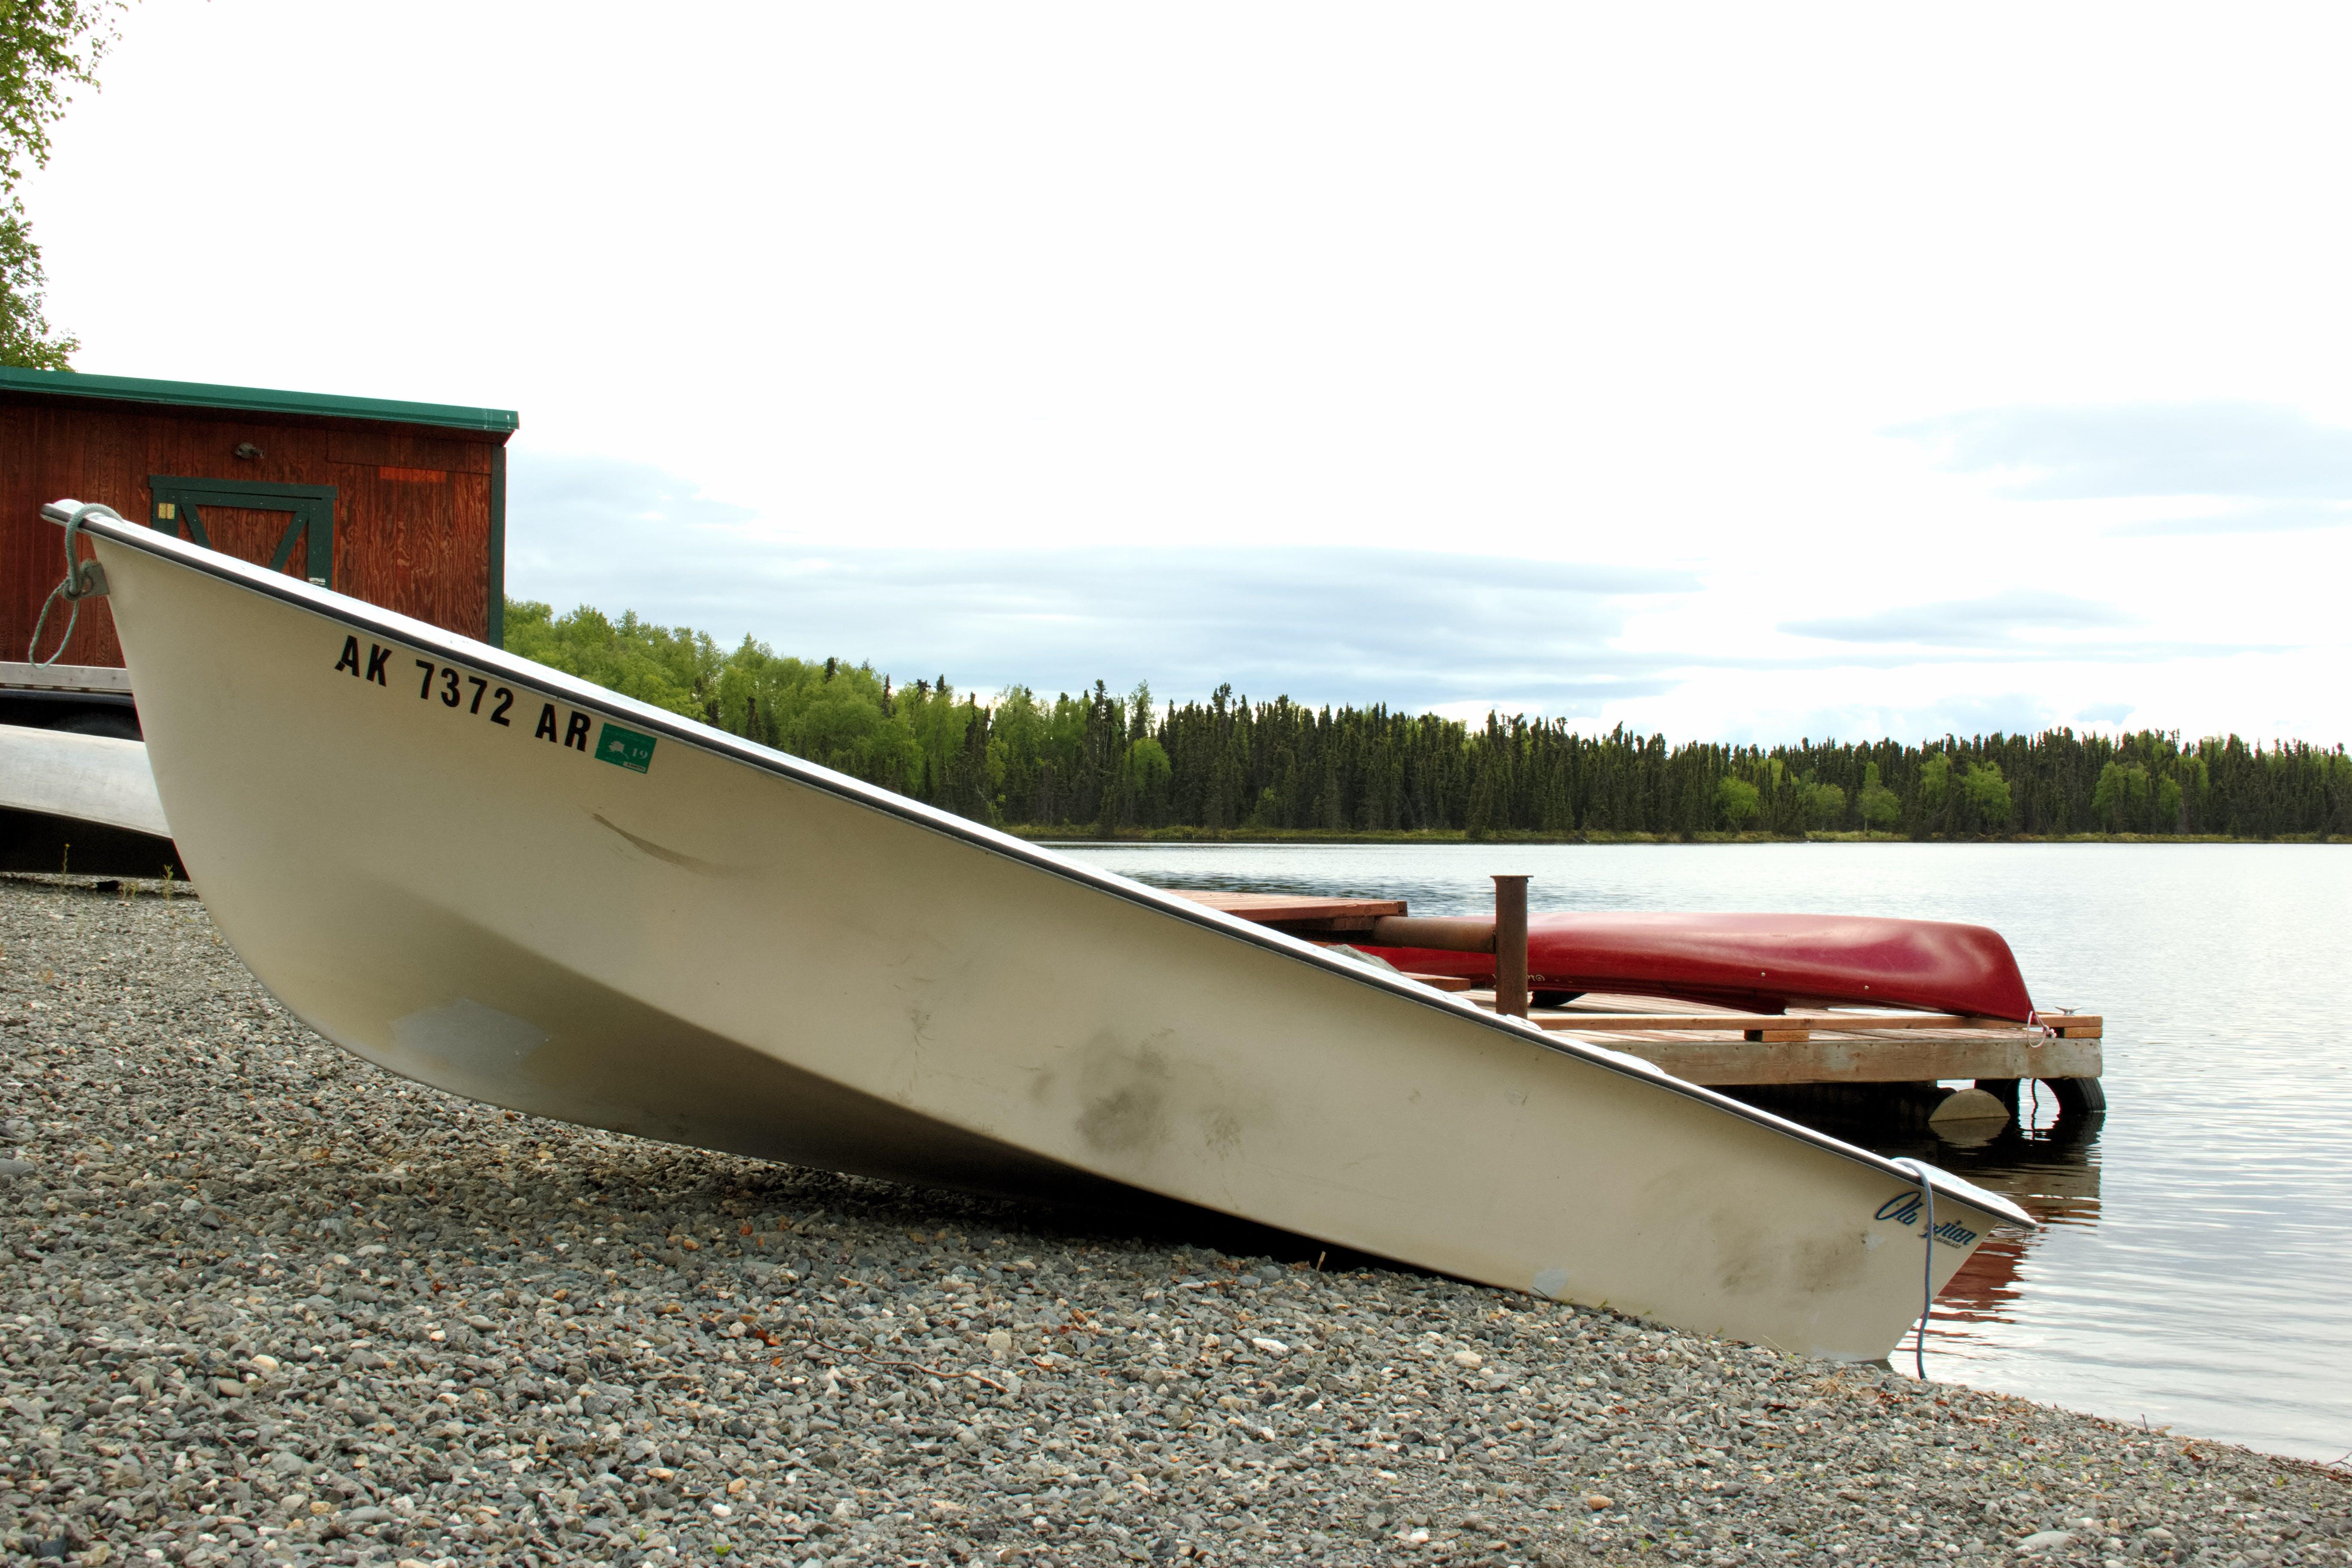 Δωρεάν στοκ φωτογραφιών με αλλόκοτος, αναψυχή, βάρκα, βάρκα με κουπιά